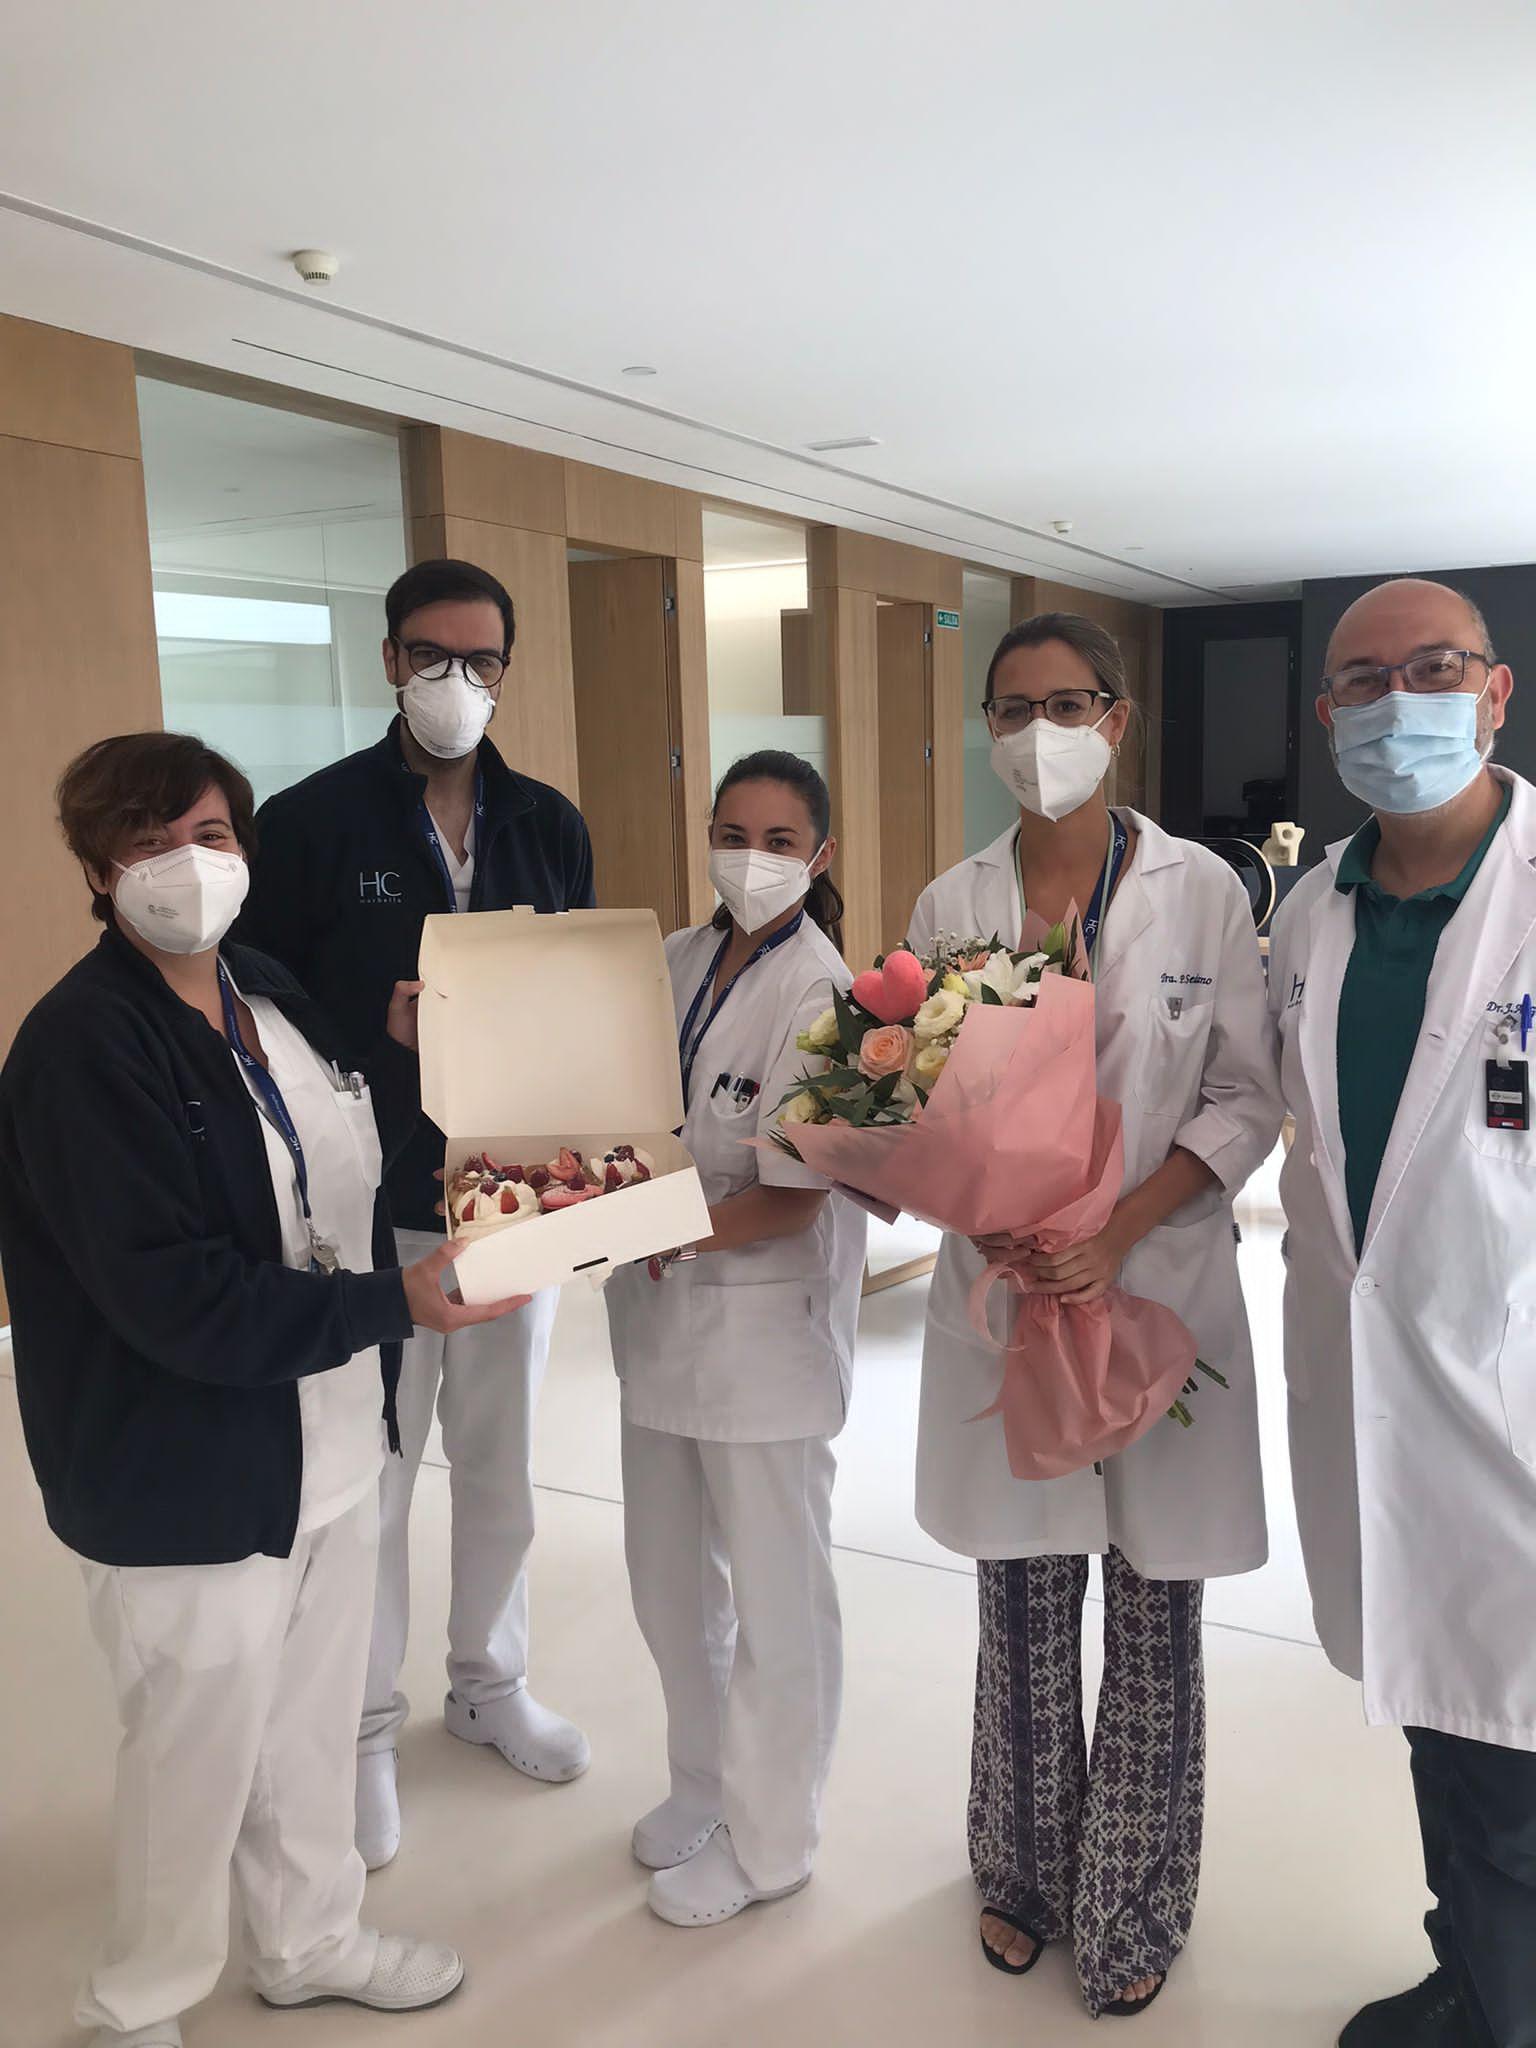 Regalo equipo de oncología HC